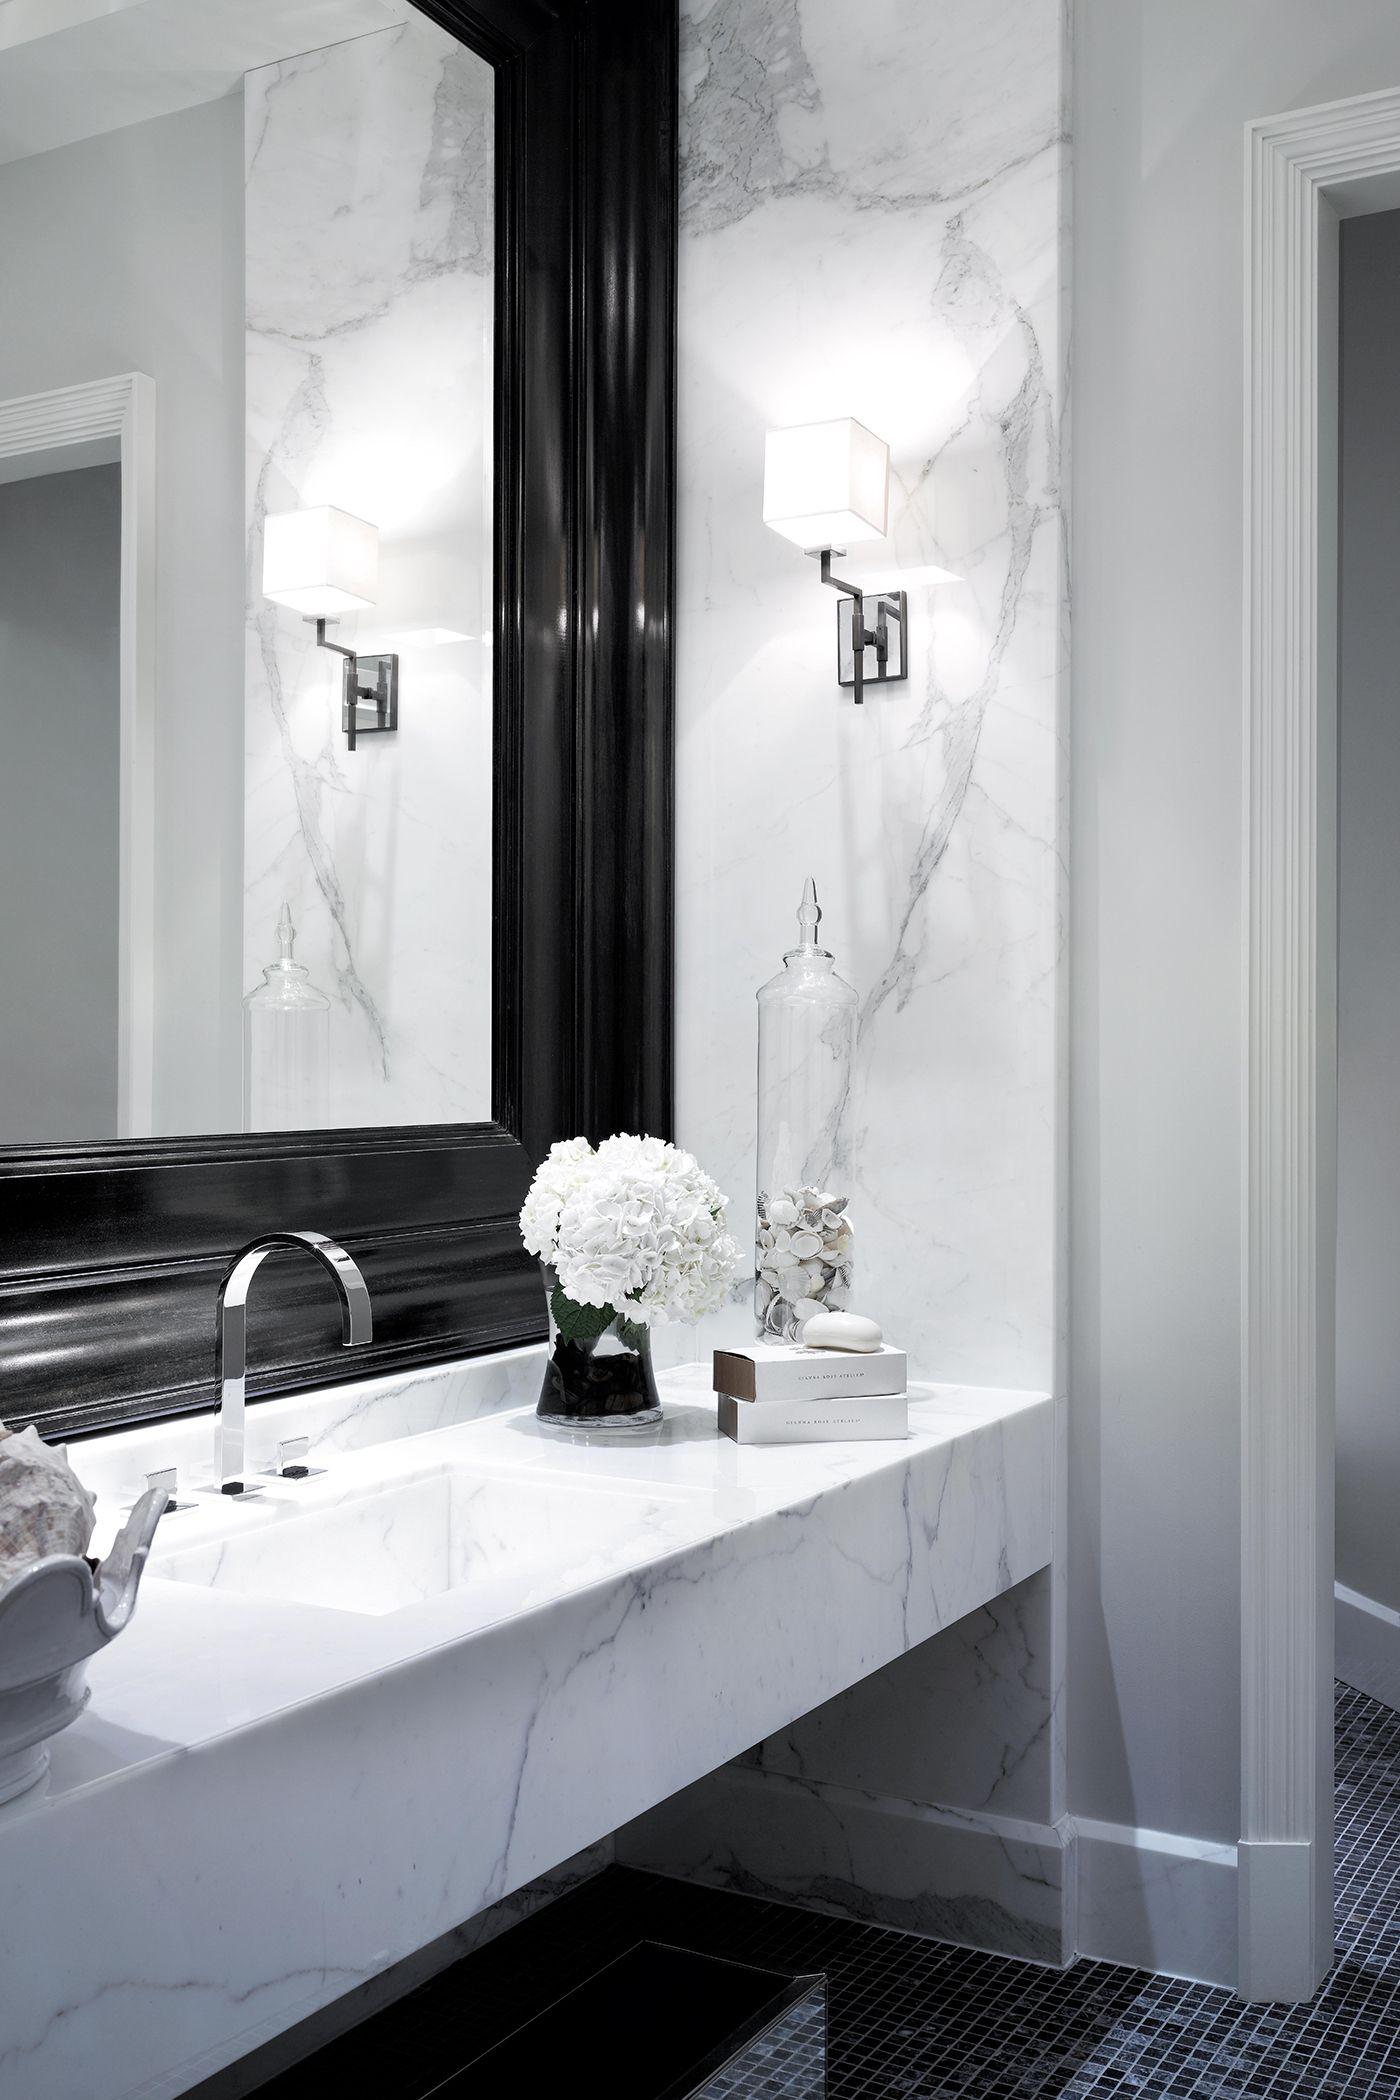 Espejo con marco en contraste con mesada ba os en 2019 pinterest ba os decorar ba os y - Banos de contraste ...